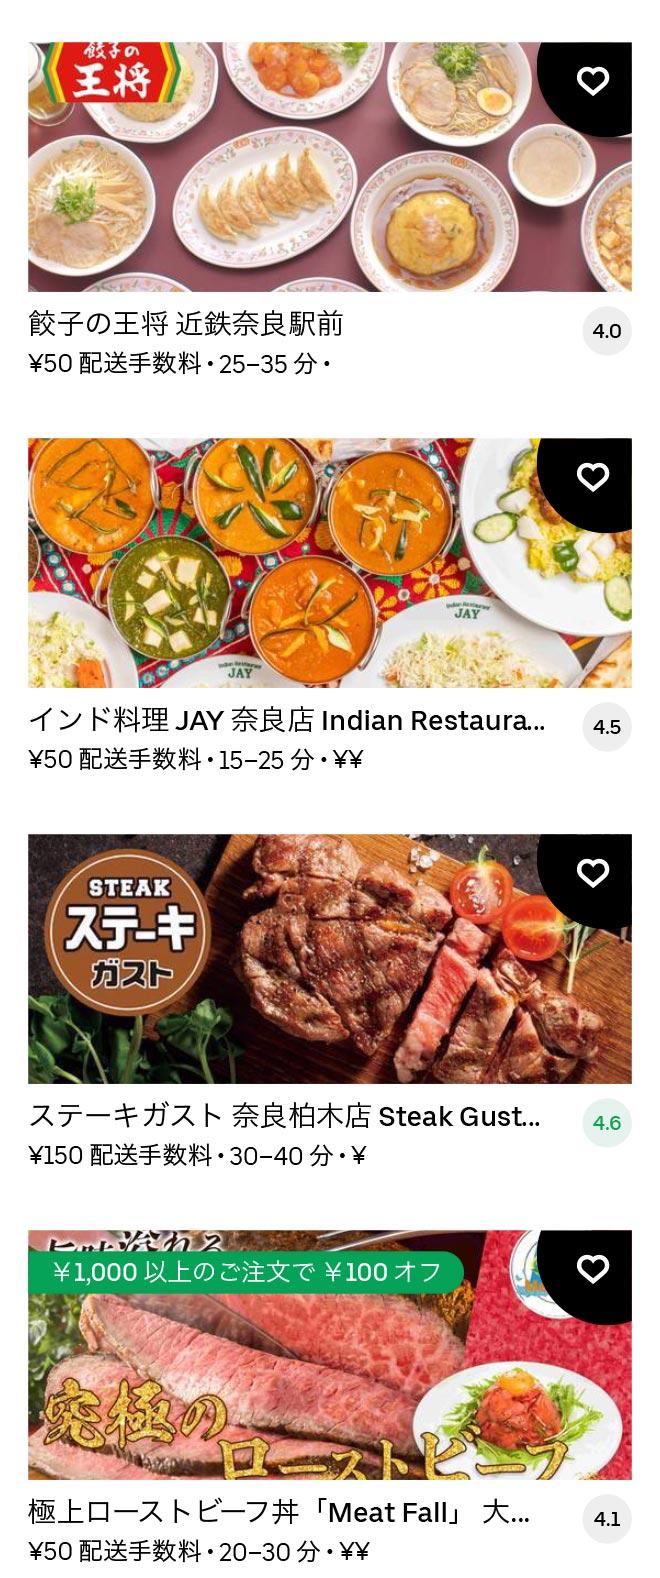 Nara menu 2011 10